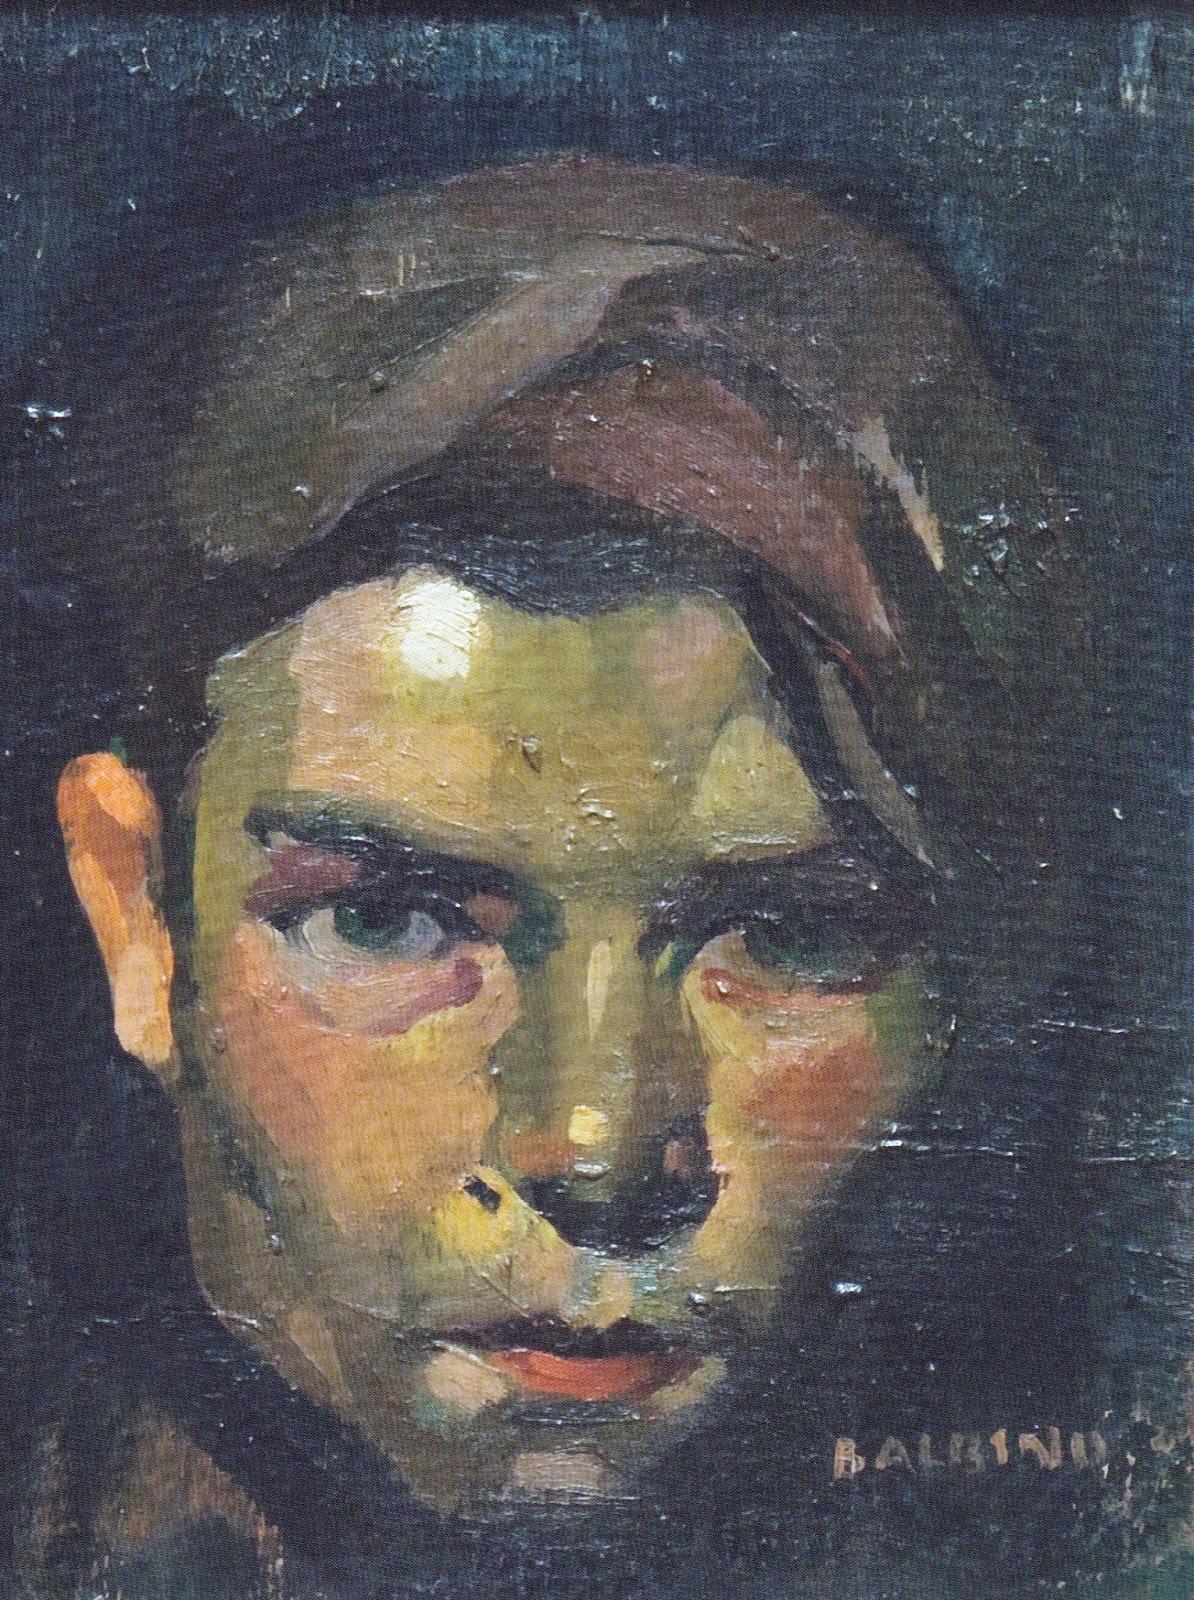 Balbino Giner